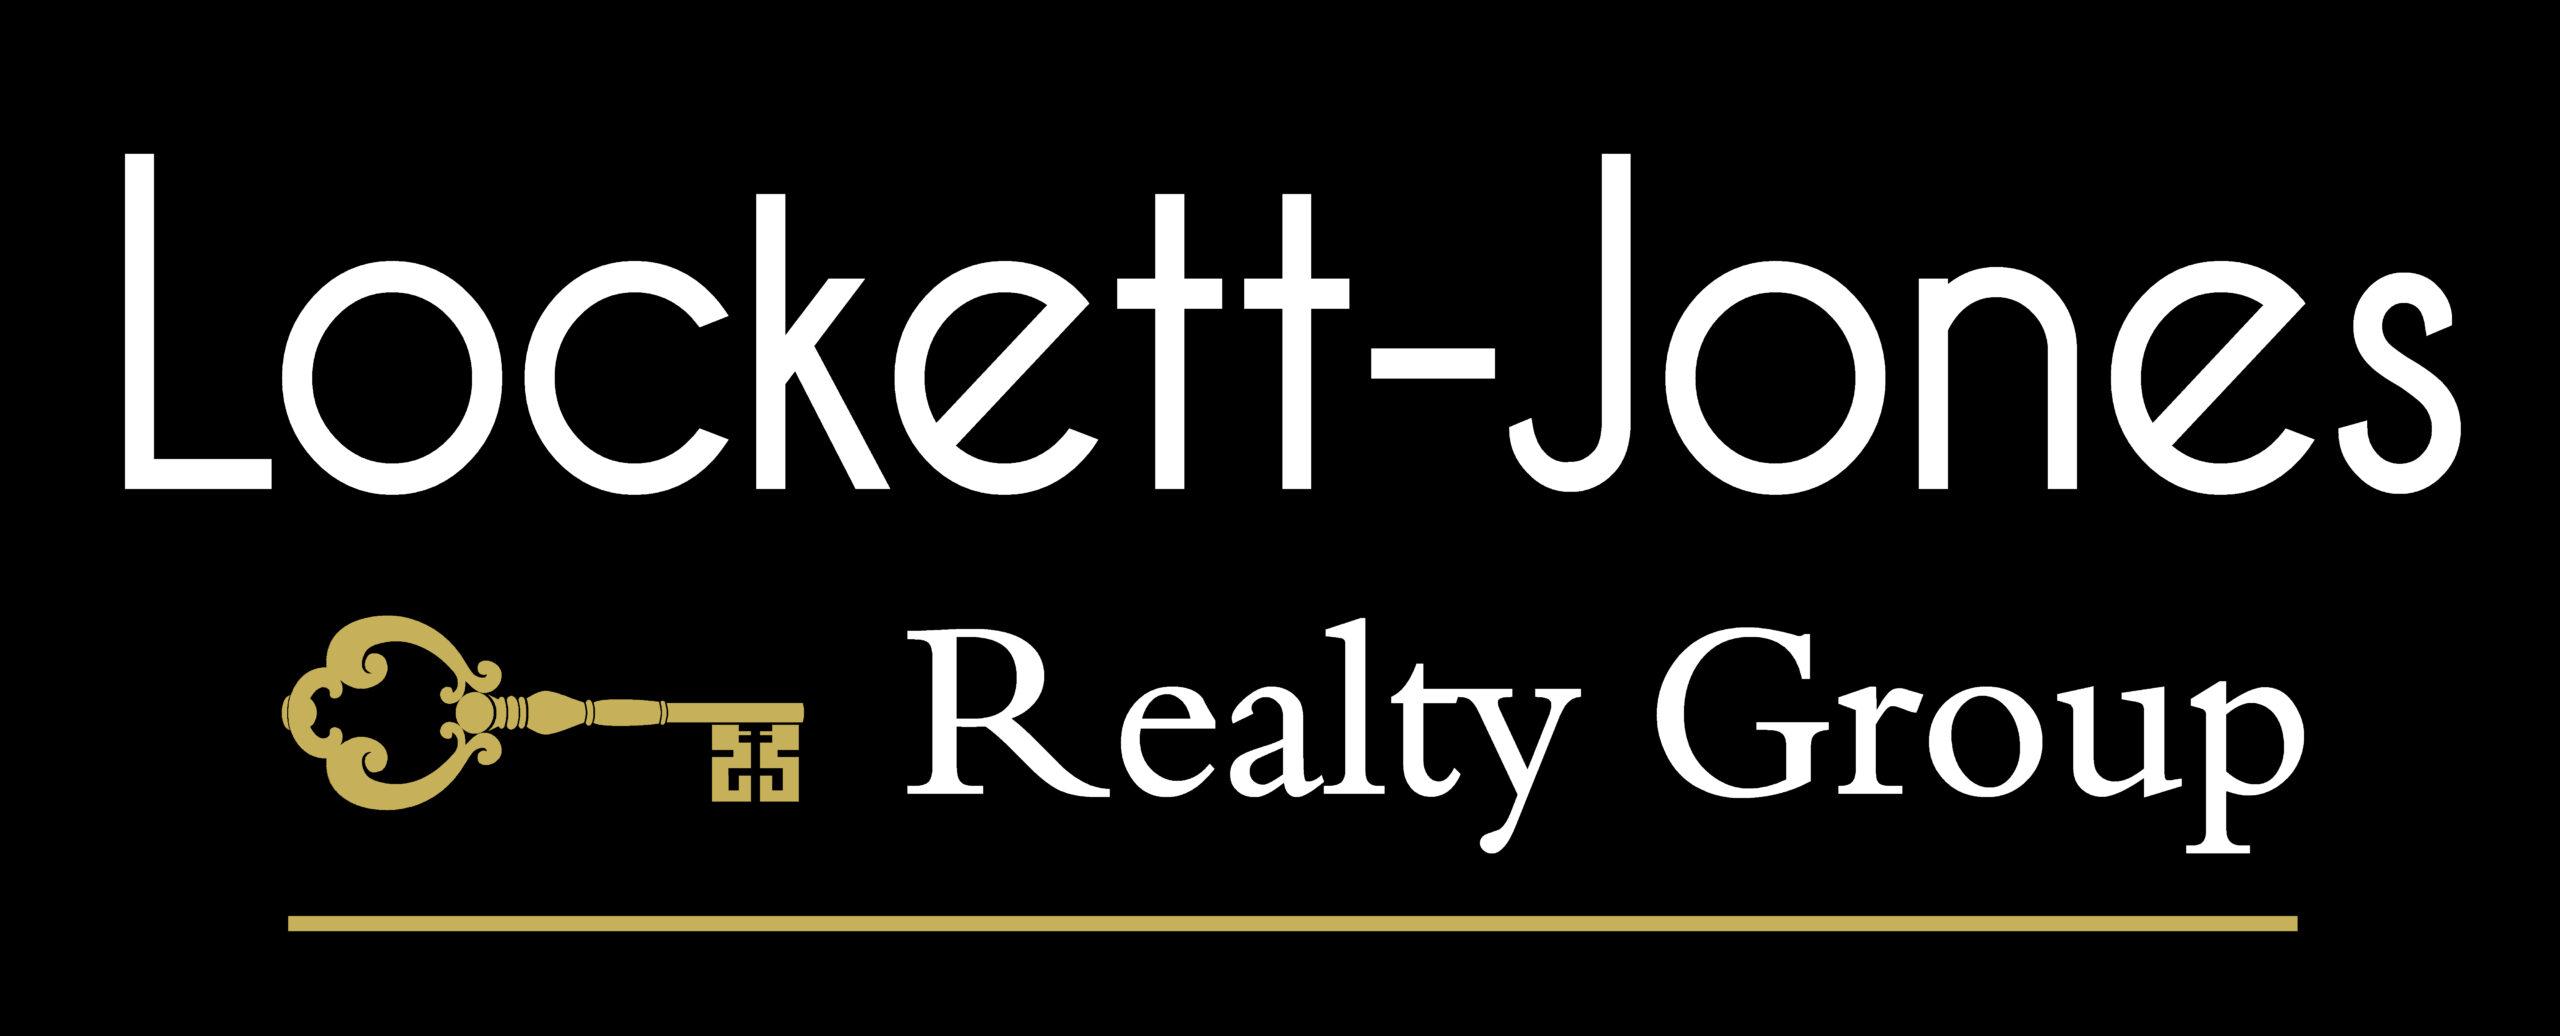 Lockett-Jones Realty Group